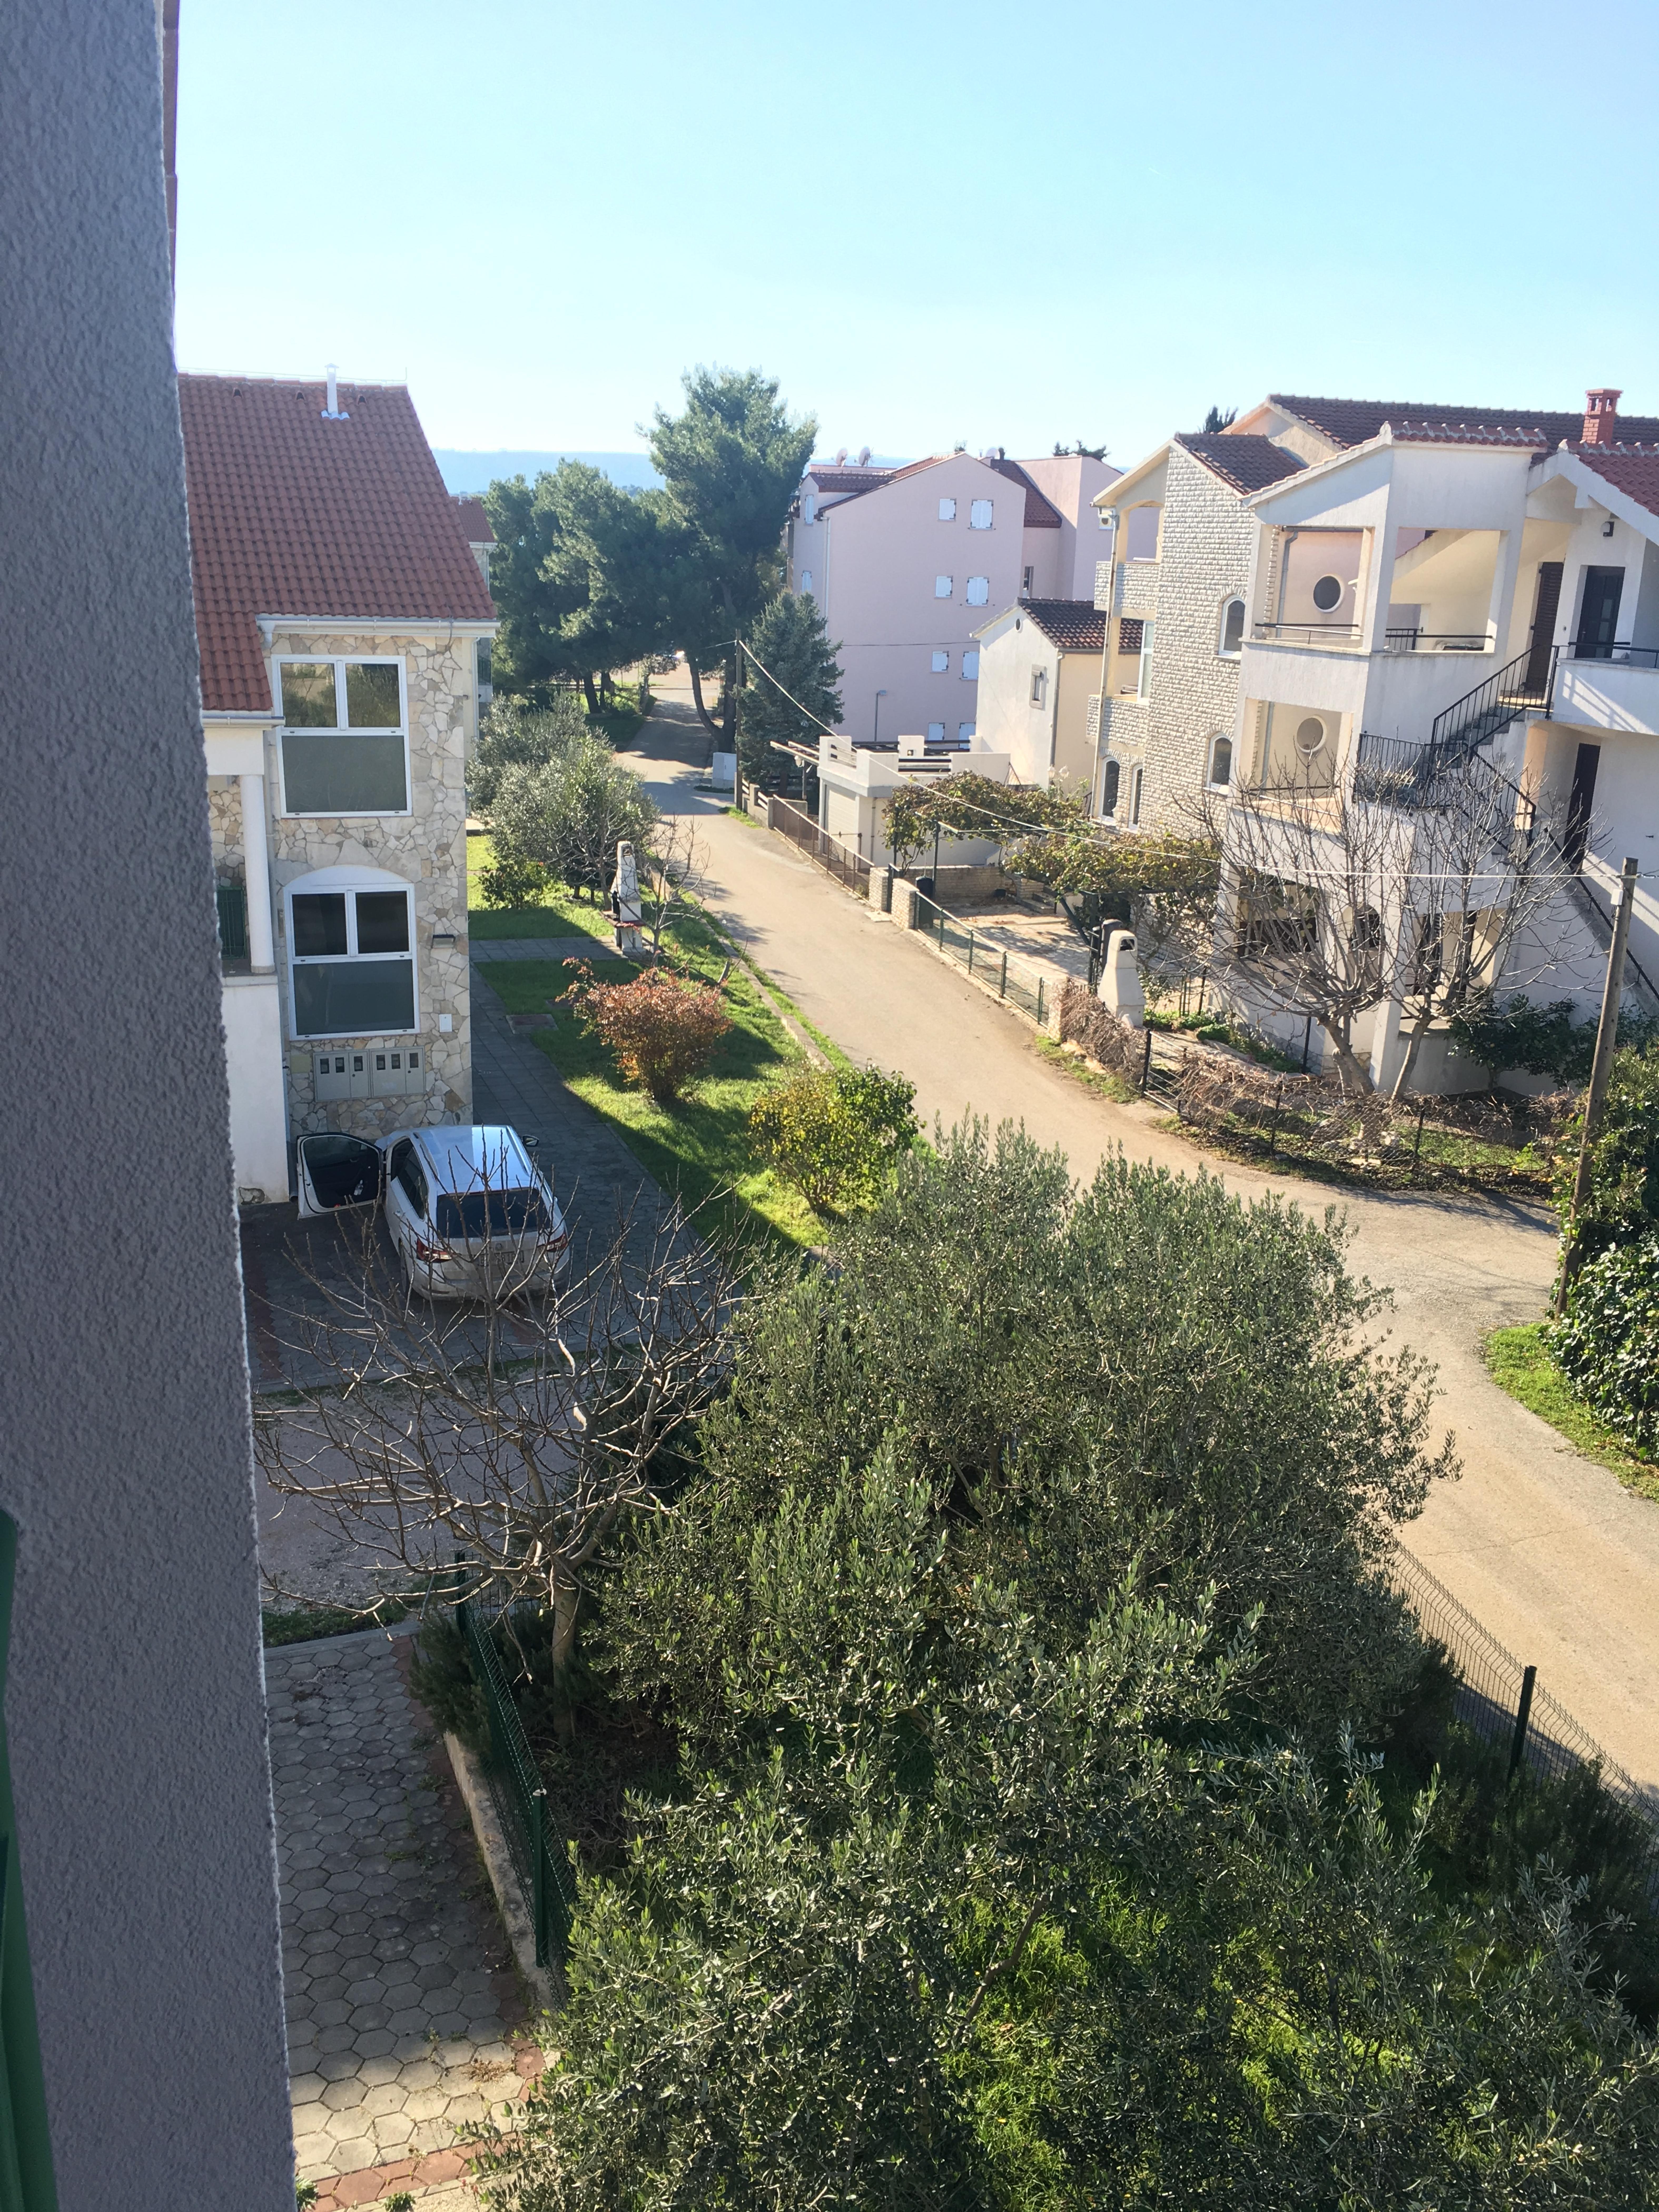 3 izbový apartmán pri mori v Chorvátsku, Biogradská riviera Turanj, 100m2 + garaž, 70m od mora-14